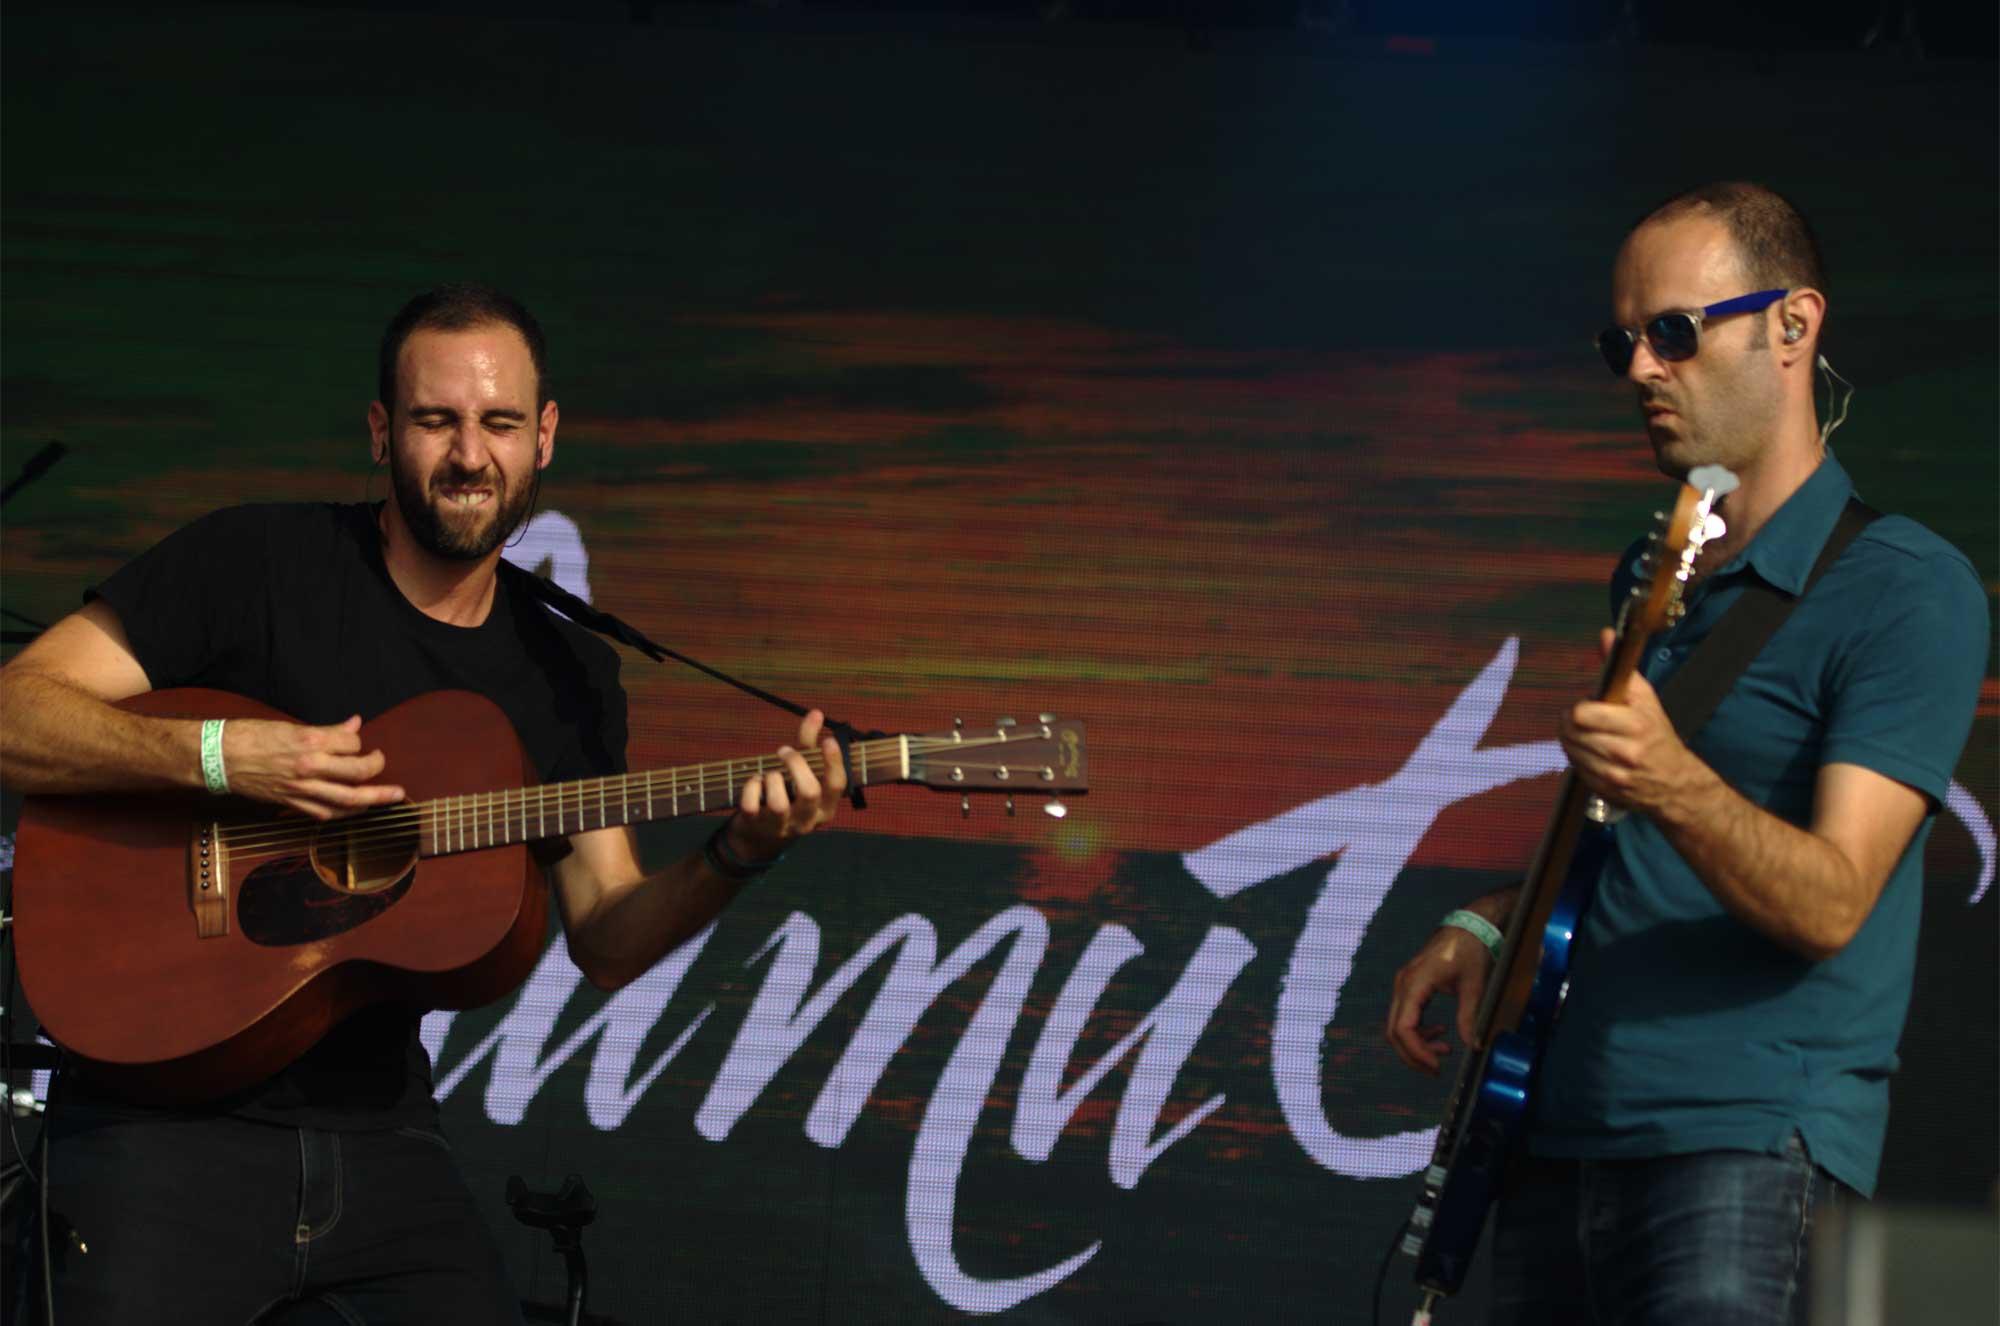 El Último Ke Cierre, Blaumut i Joan Rovira, a la Festa Major de Sant Carles de la Ràpita 2016